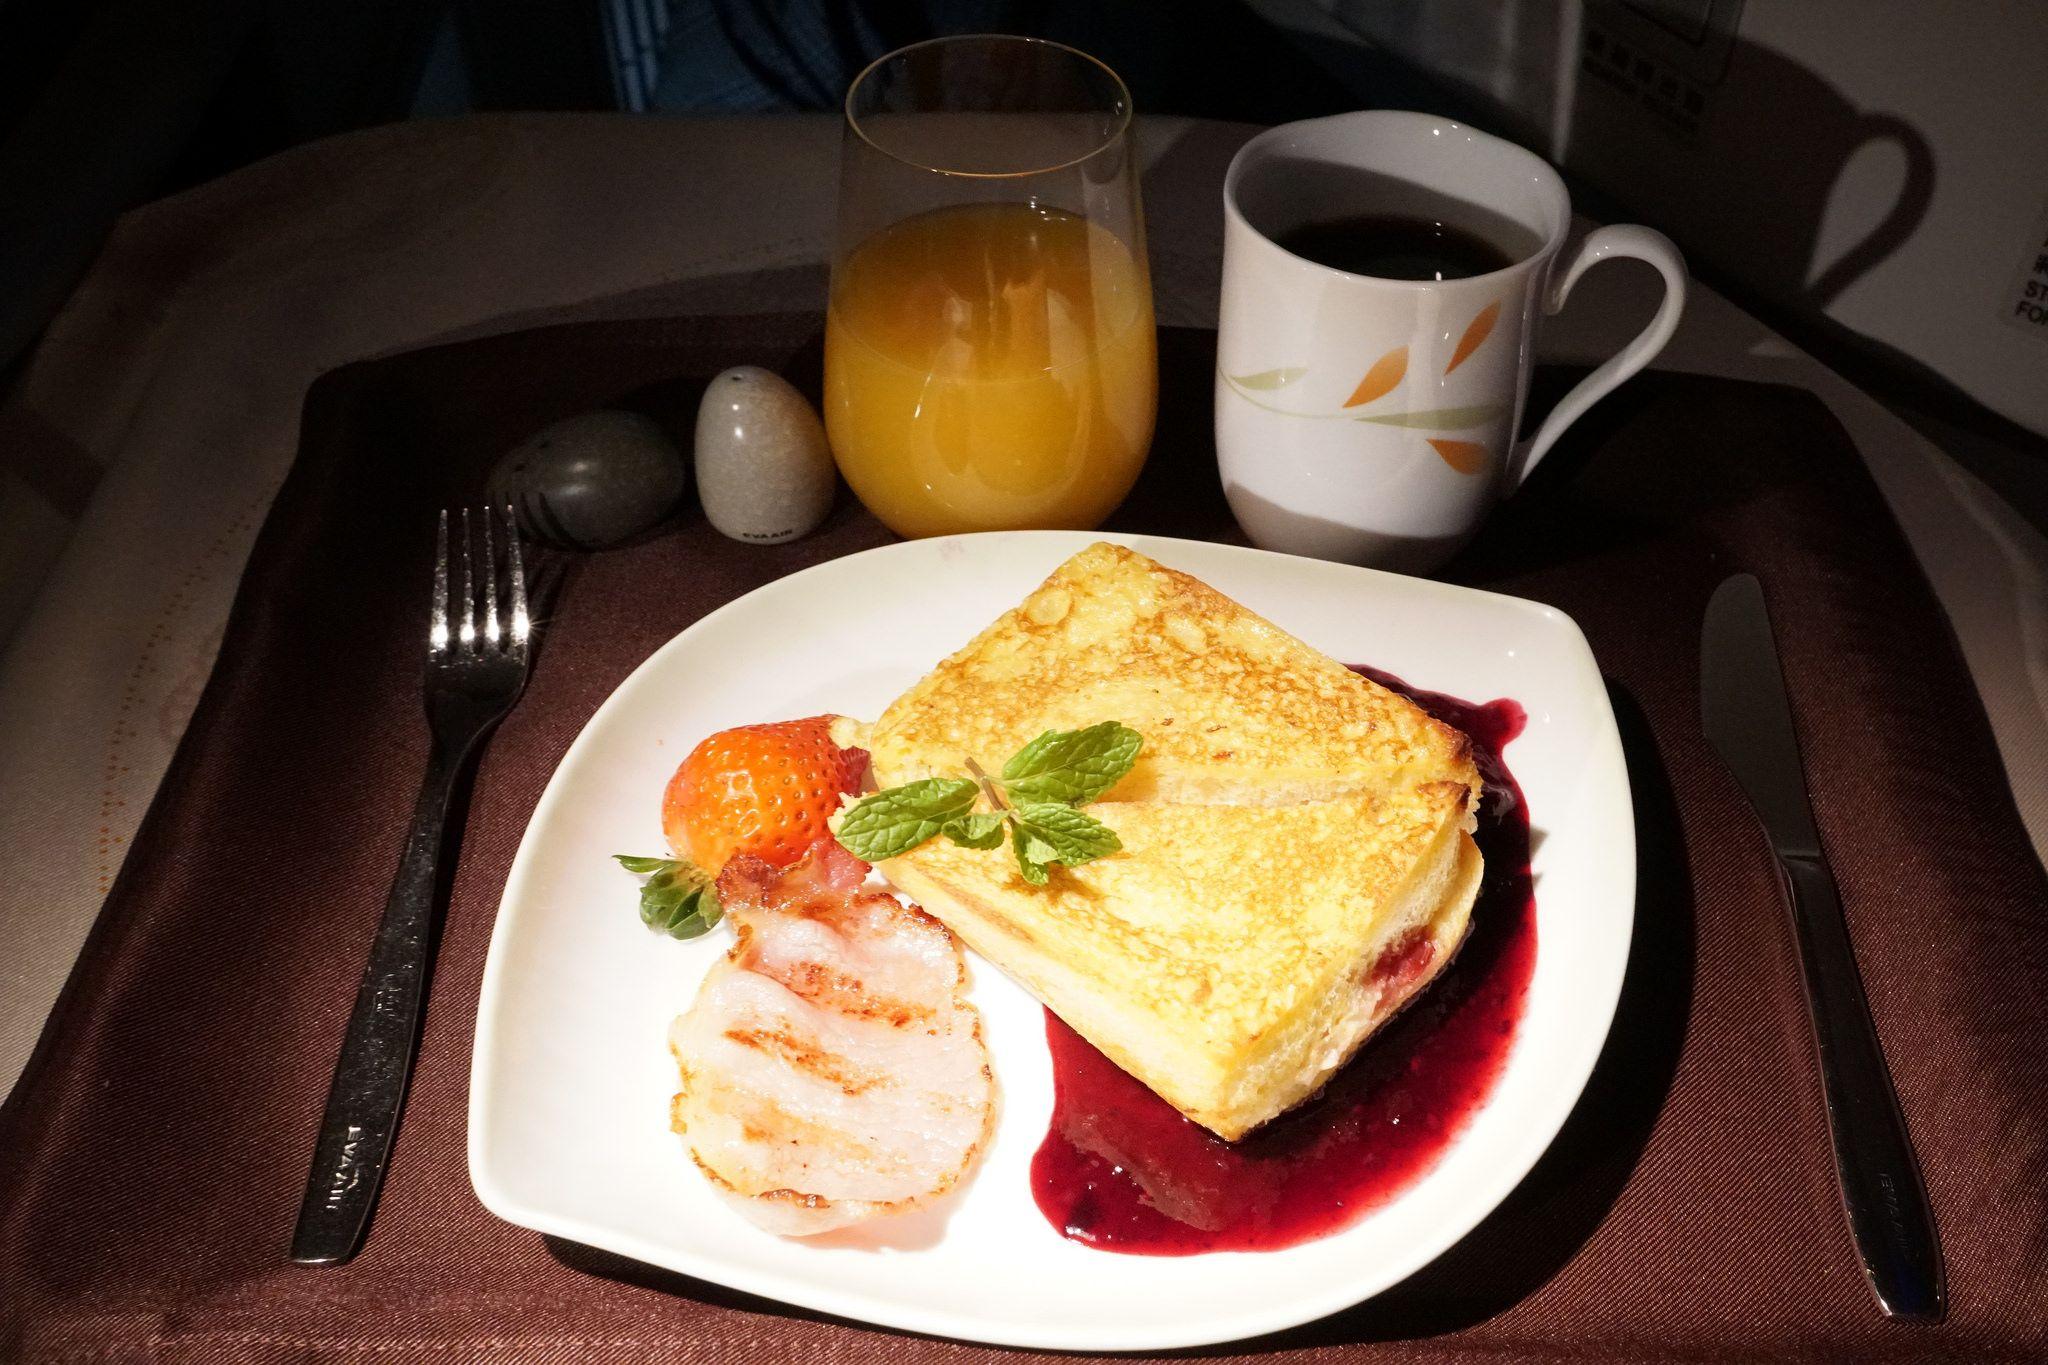 EVA Air Meal in 2020 Meals, Food, Breakfast